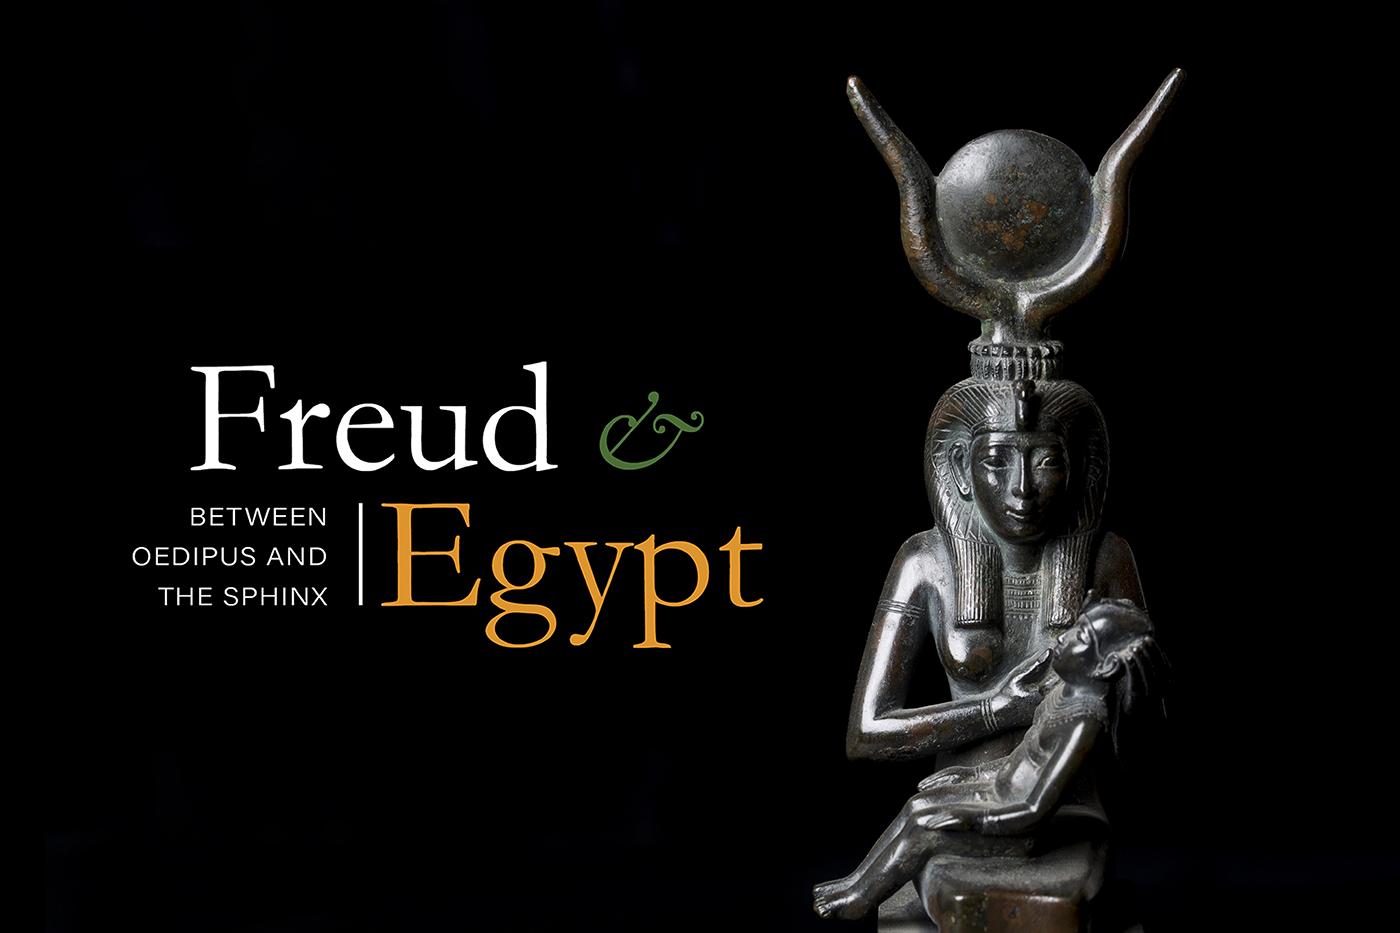 نمایشگاه کلکسیون مجسمه های باستانی زیگموند فروید